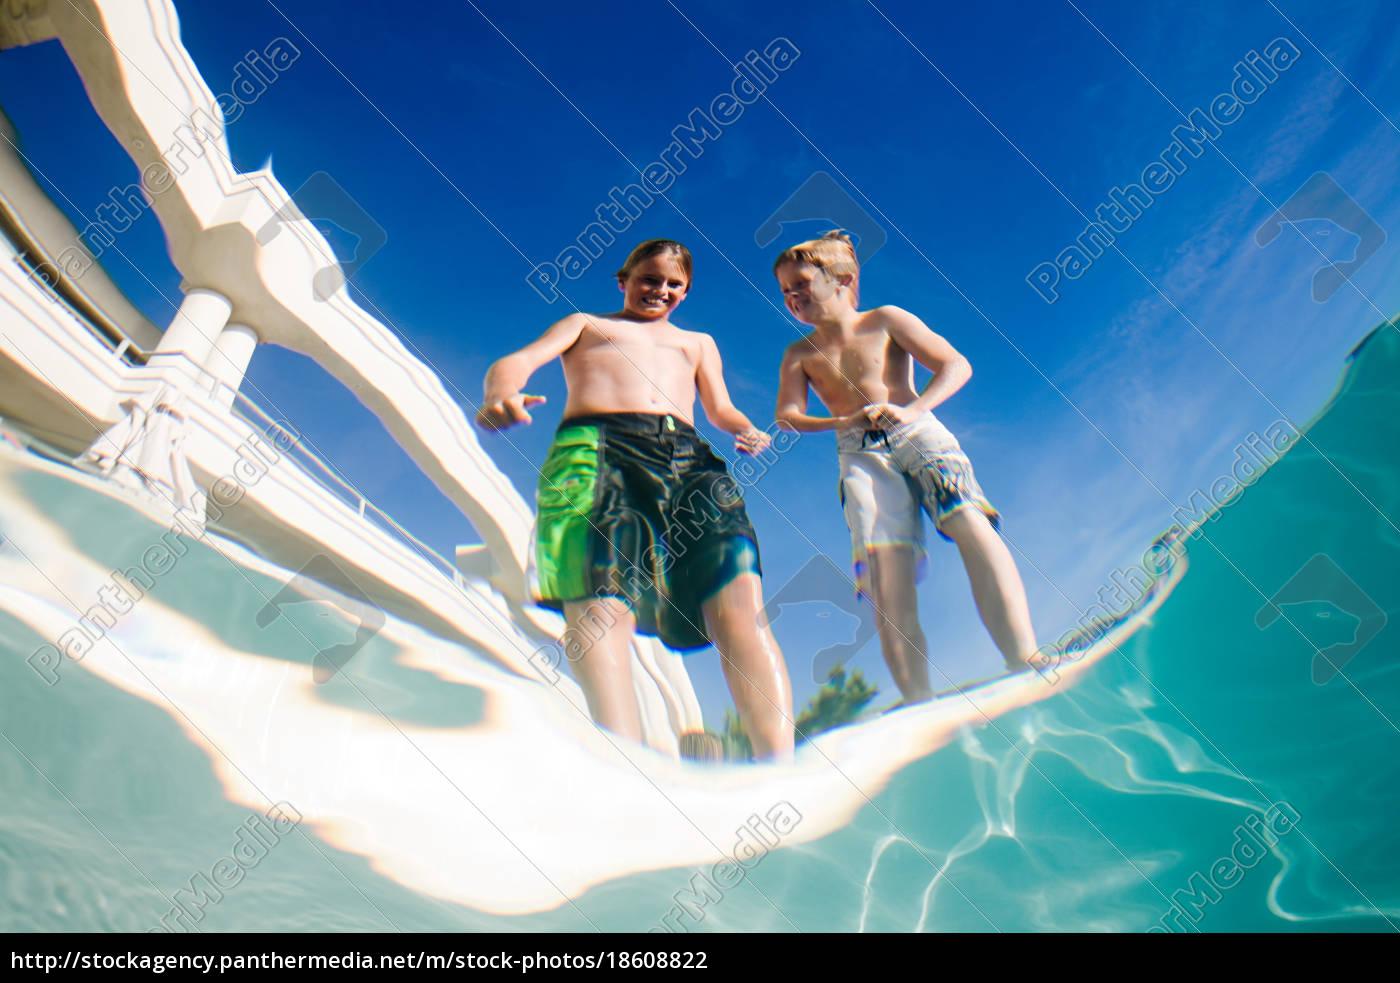 jungen, nach, schwimmbad - 18608822